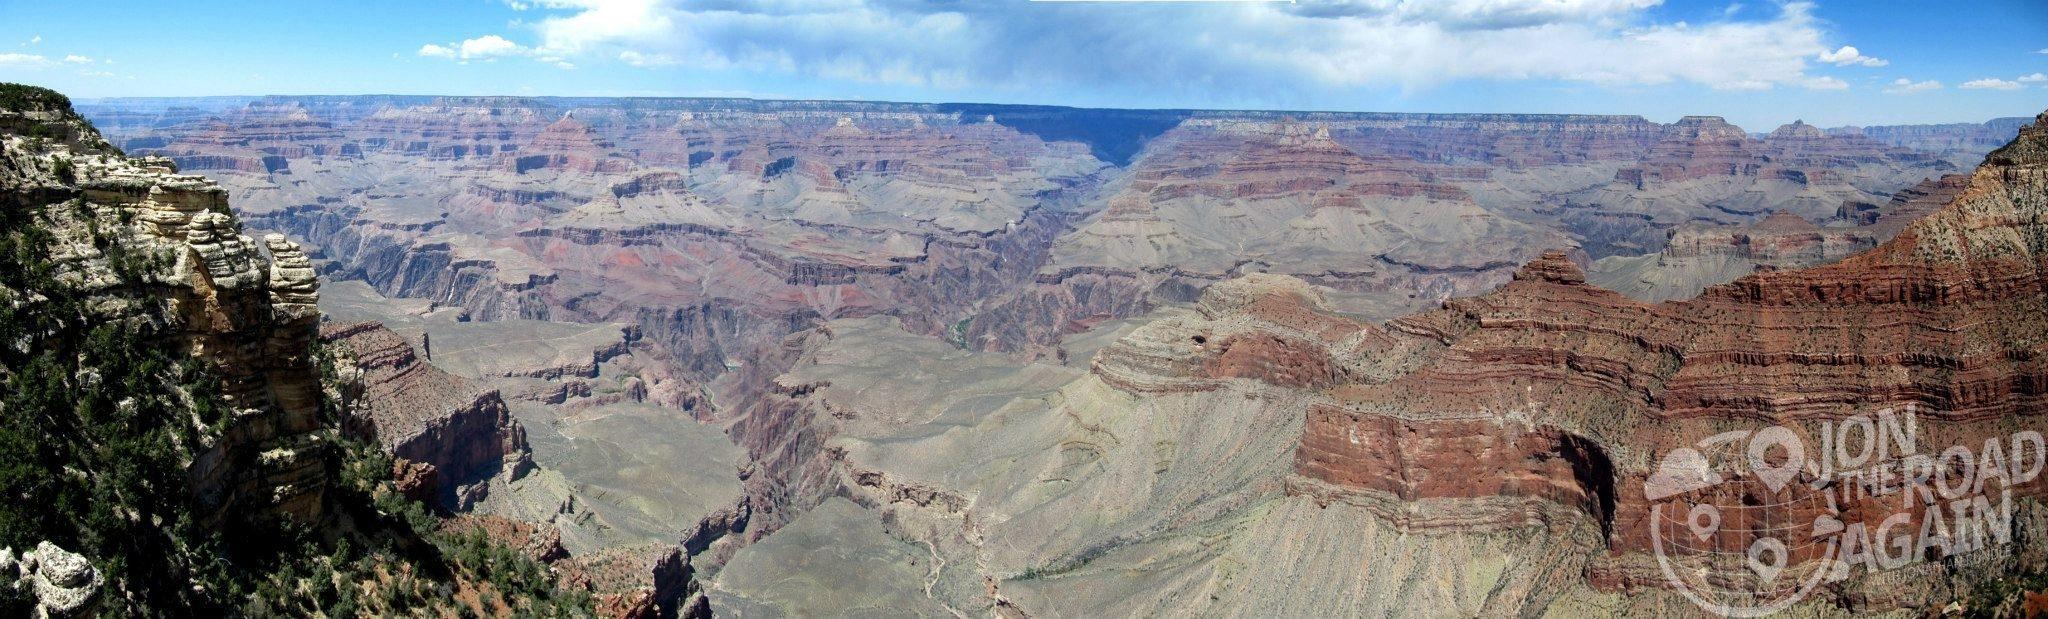 South rim at the Grand Canyon